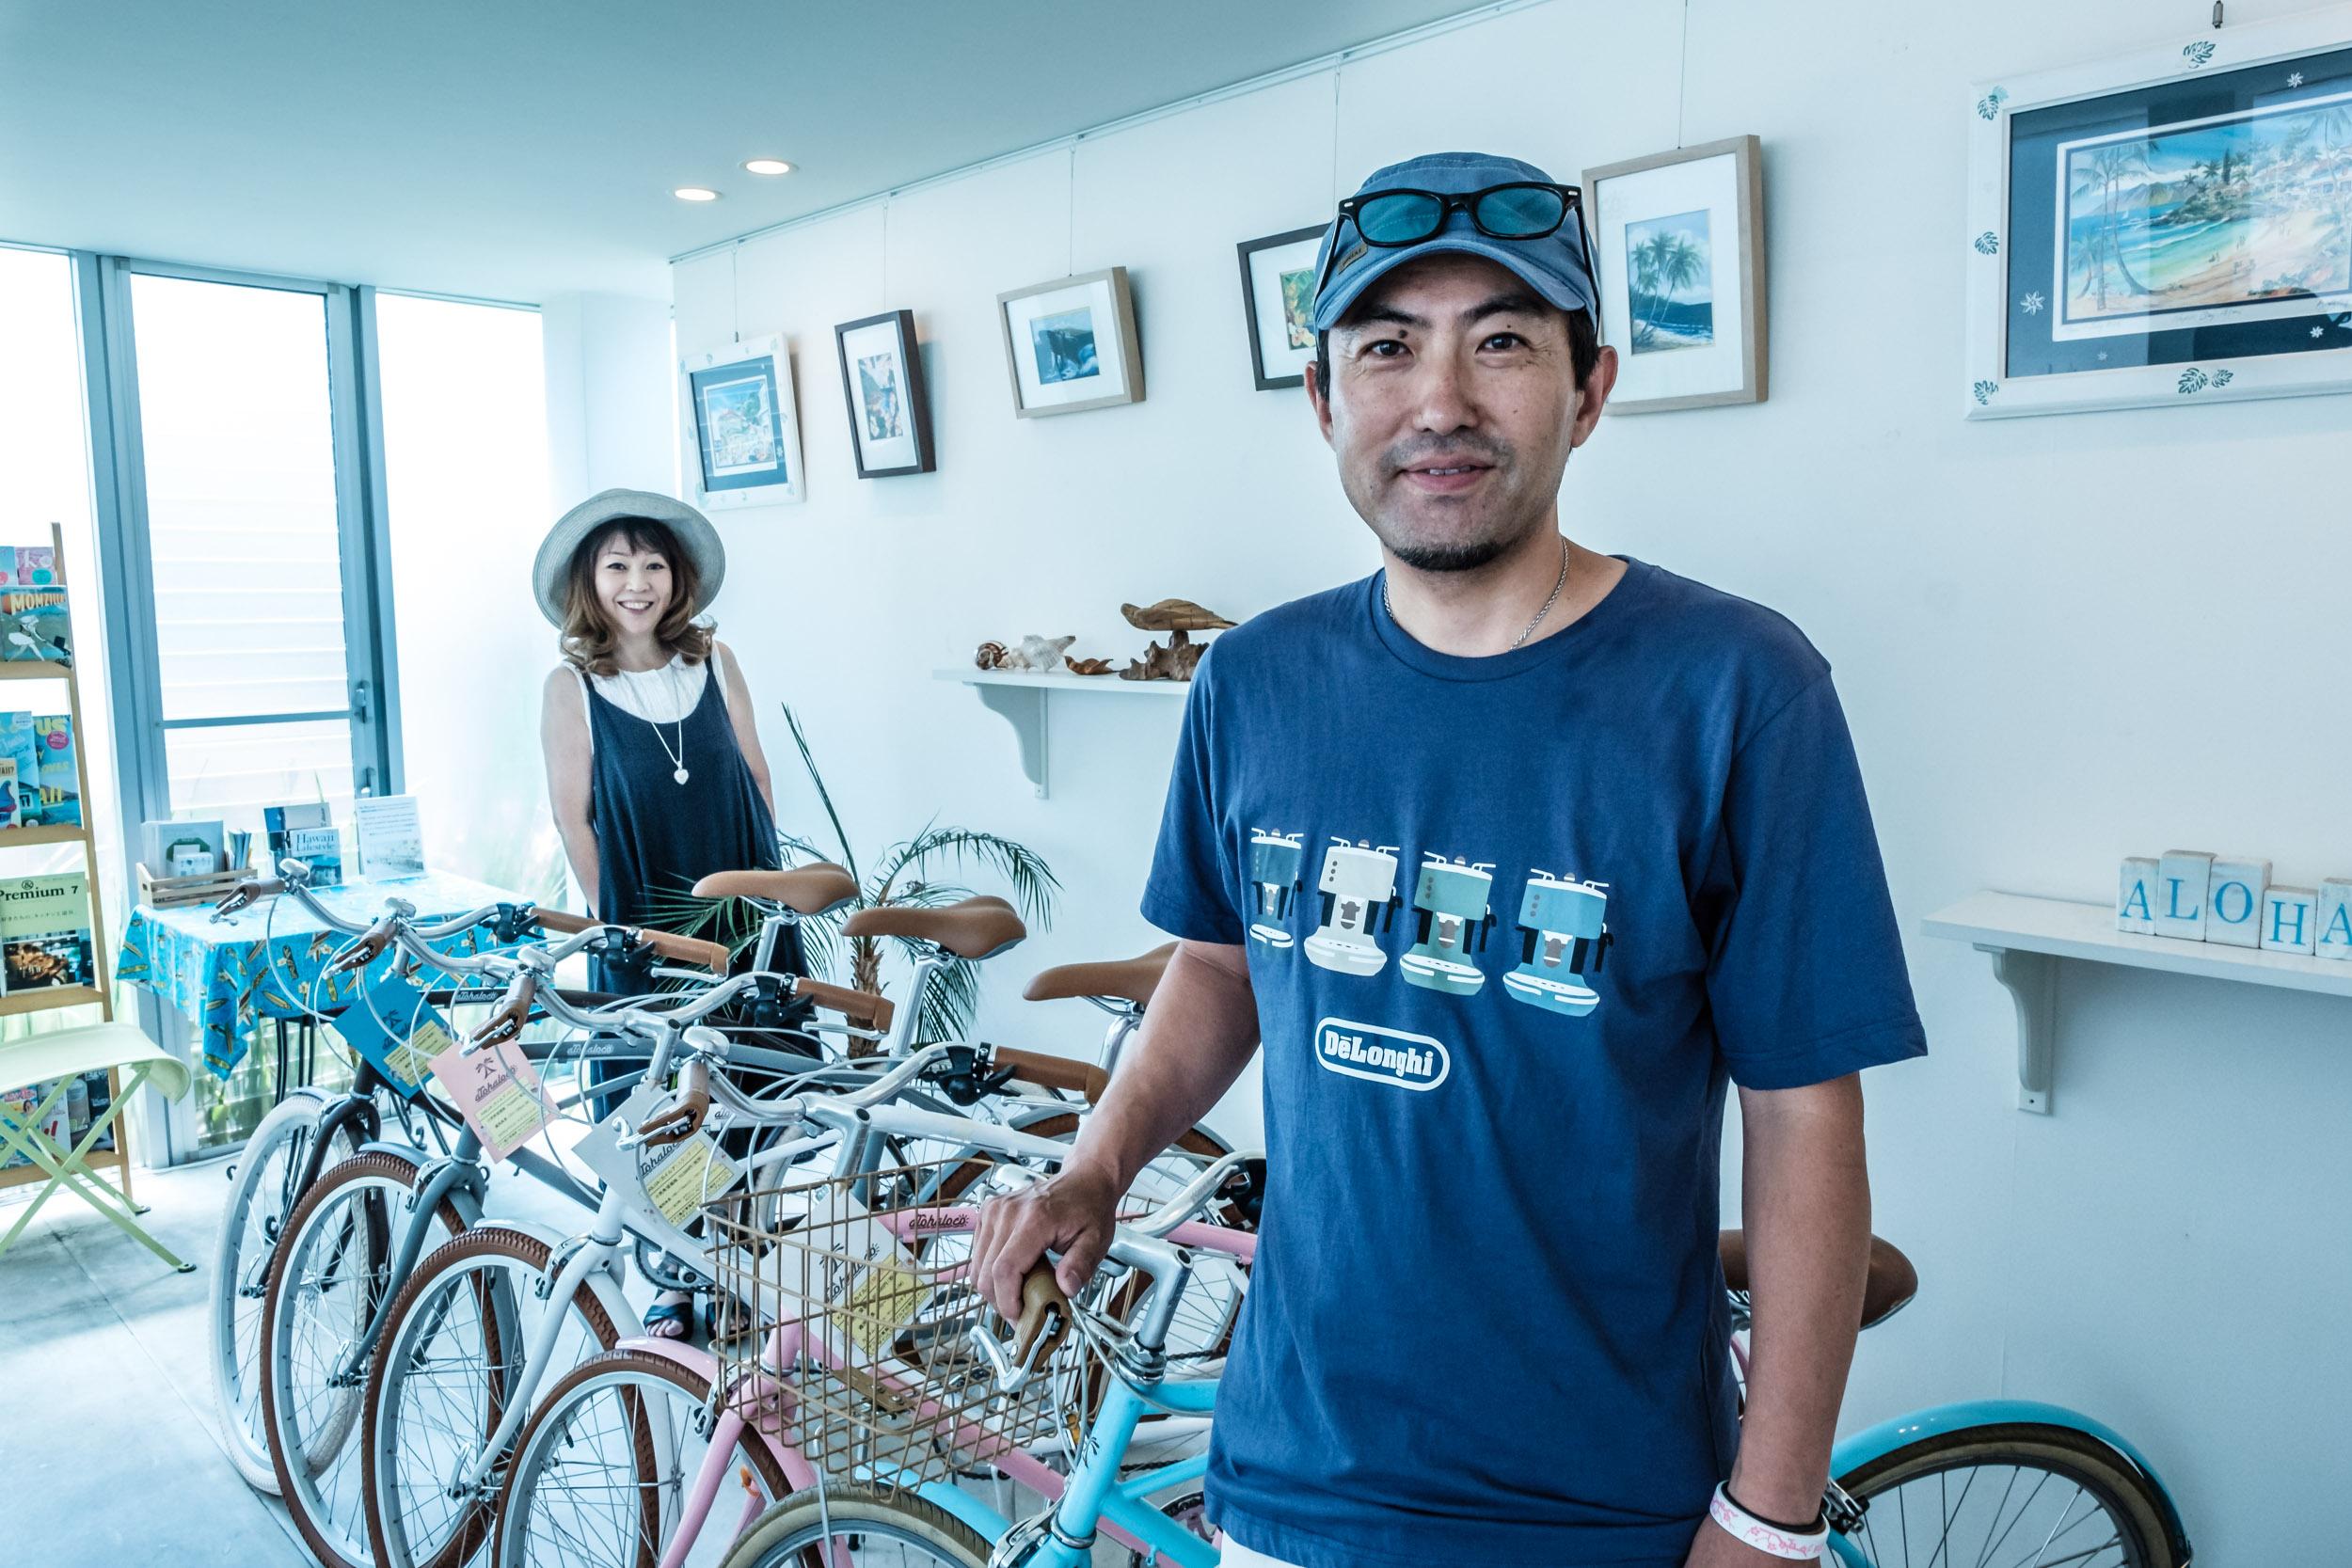 Kenusuke and Mayumi Shikano